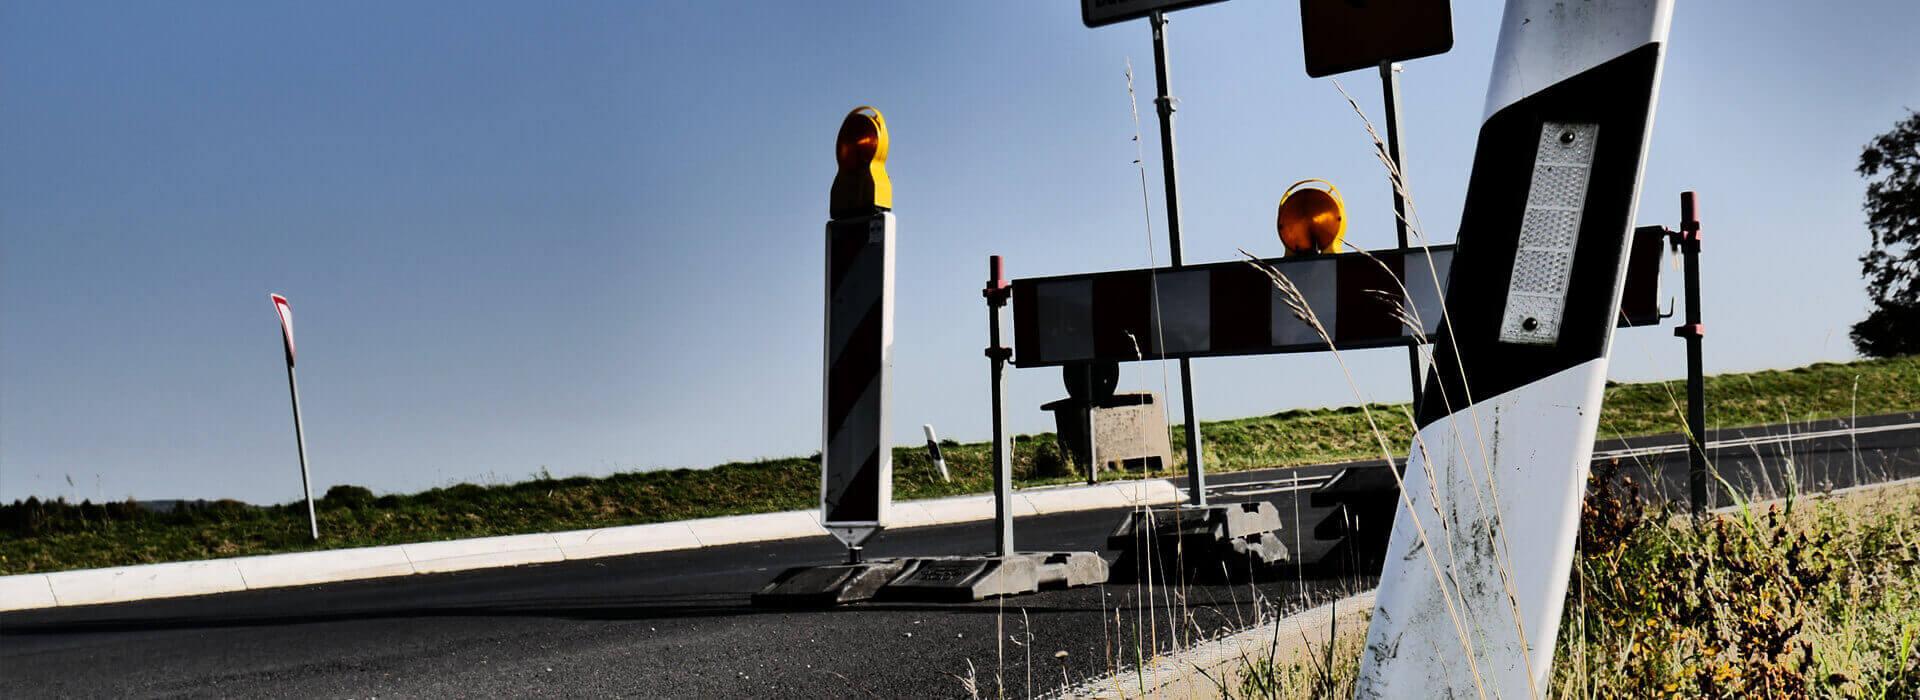 Straßenunterhaltung der Zukunft